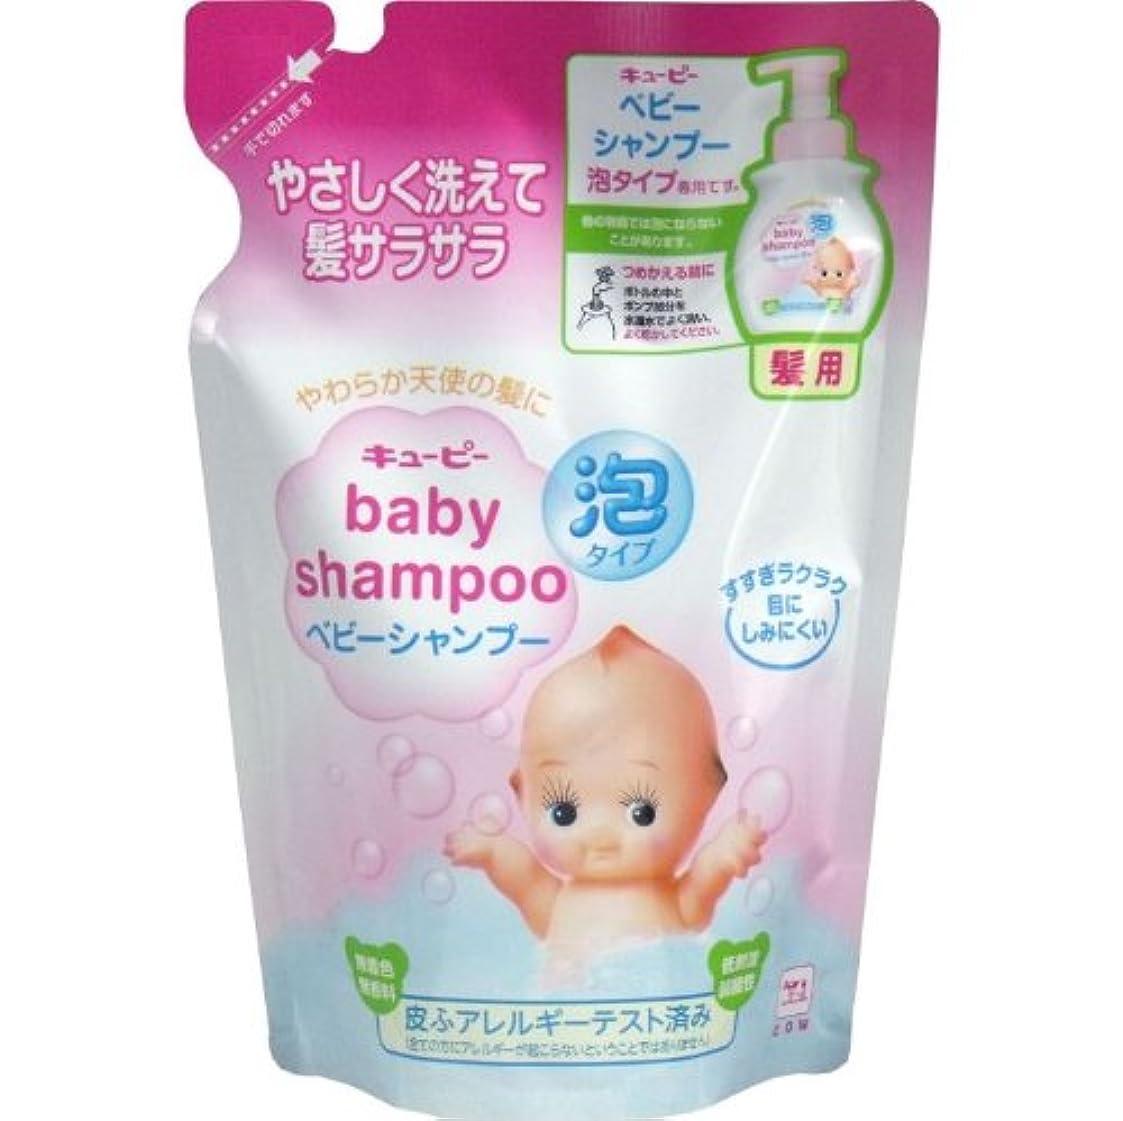 恐ろしい血統インストラクター泡でラクラクやさしく洗える!赤ちゃんの髪をやさしく整え、地肌もすこやか 詰替用 300mL【3個セット】